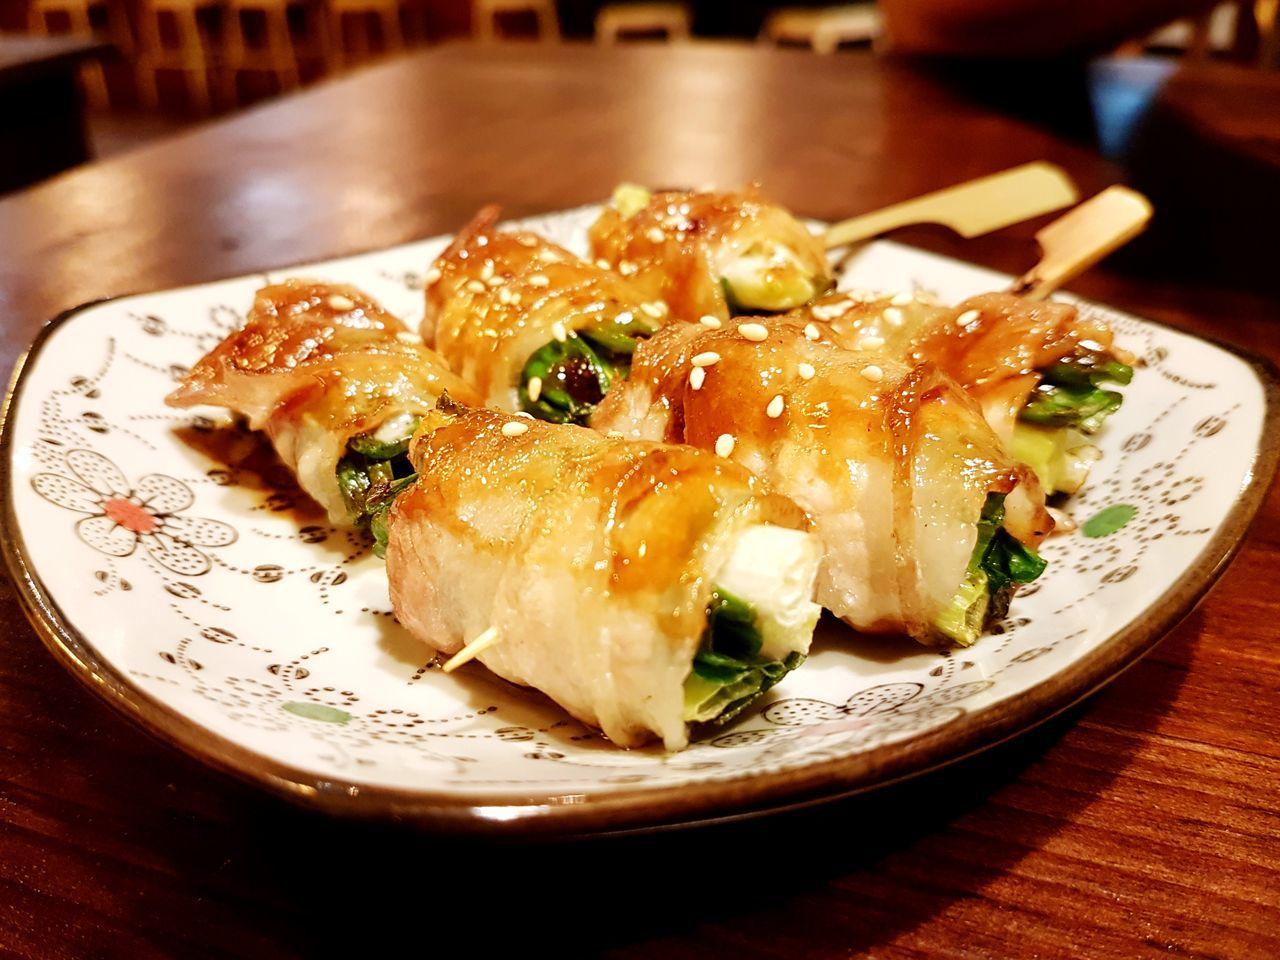 串燒 Food Ready-to-eat Yummy Tainan, Taiwan 串燒 好吃 日本料理 やきもの Pork